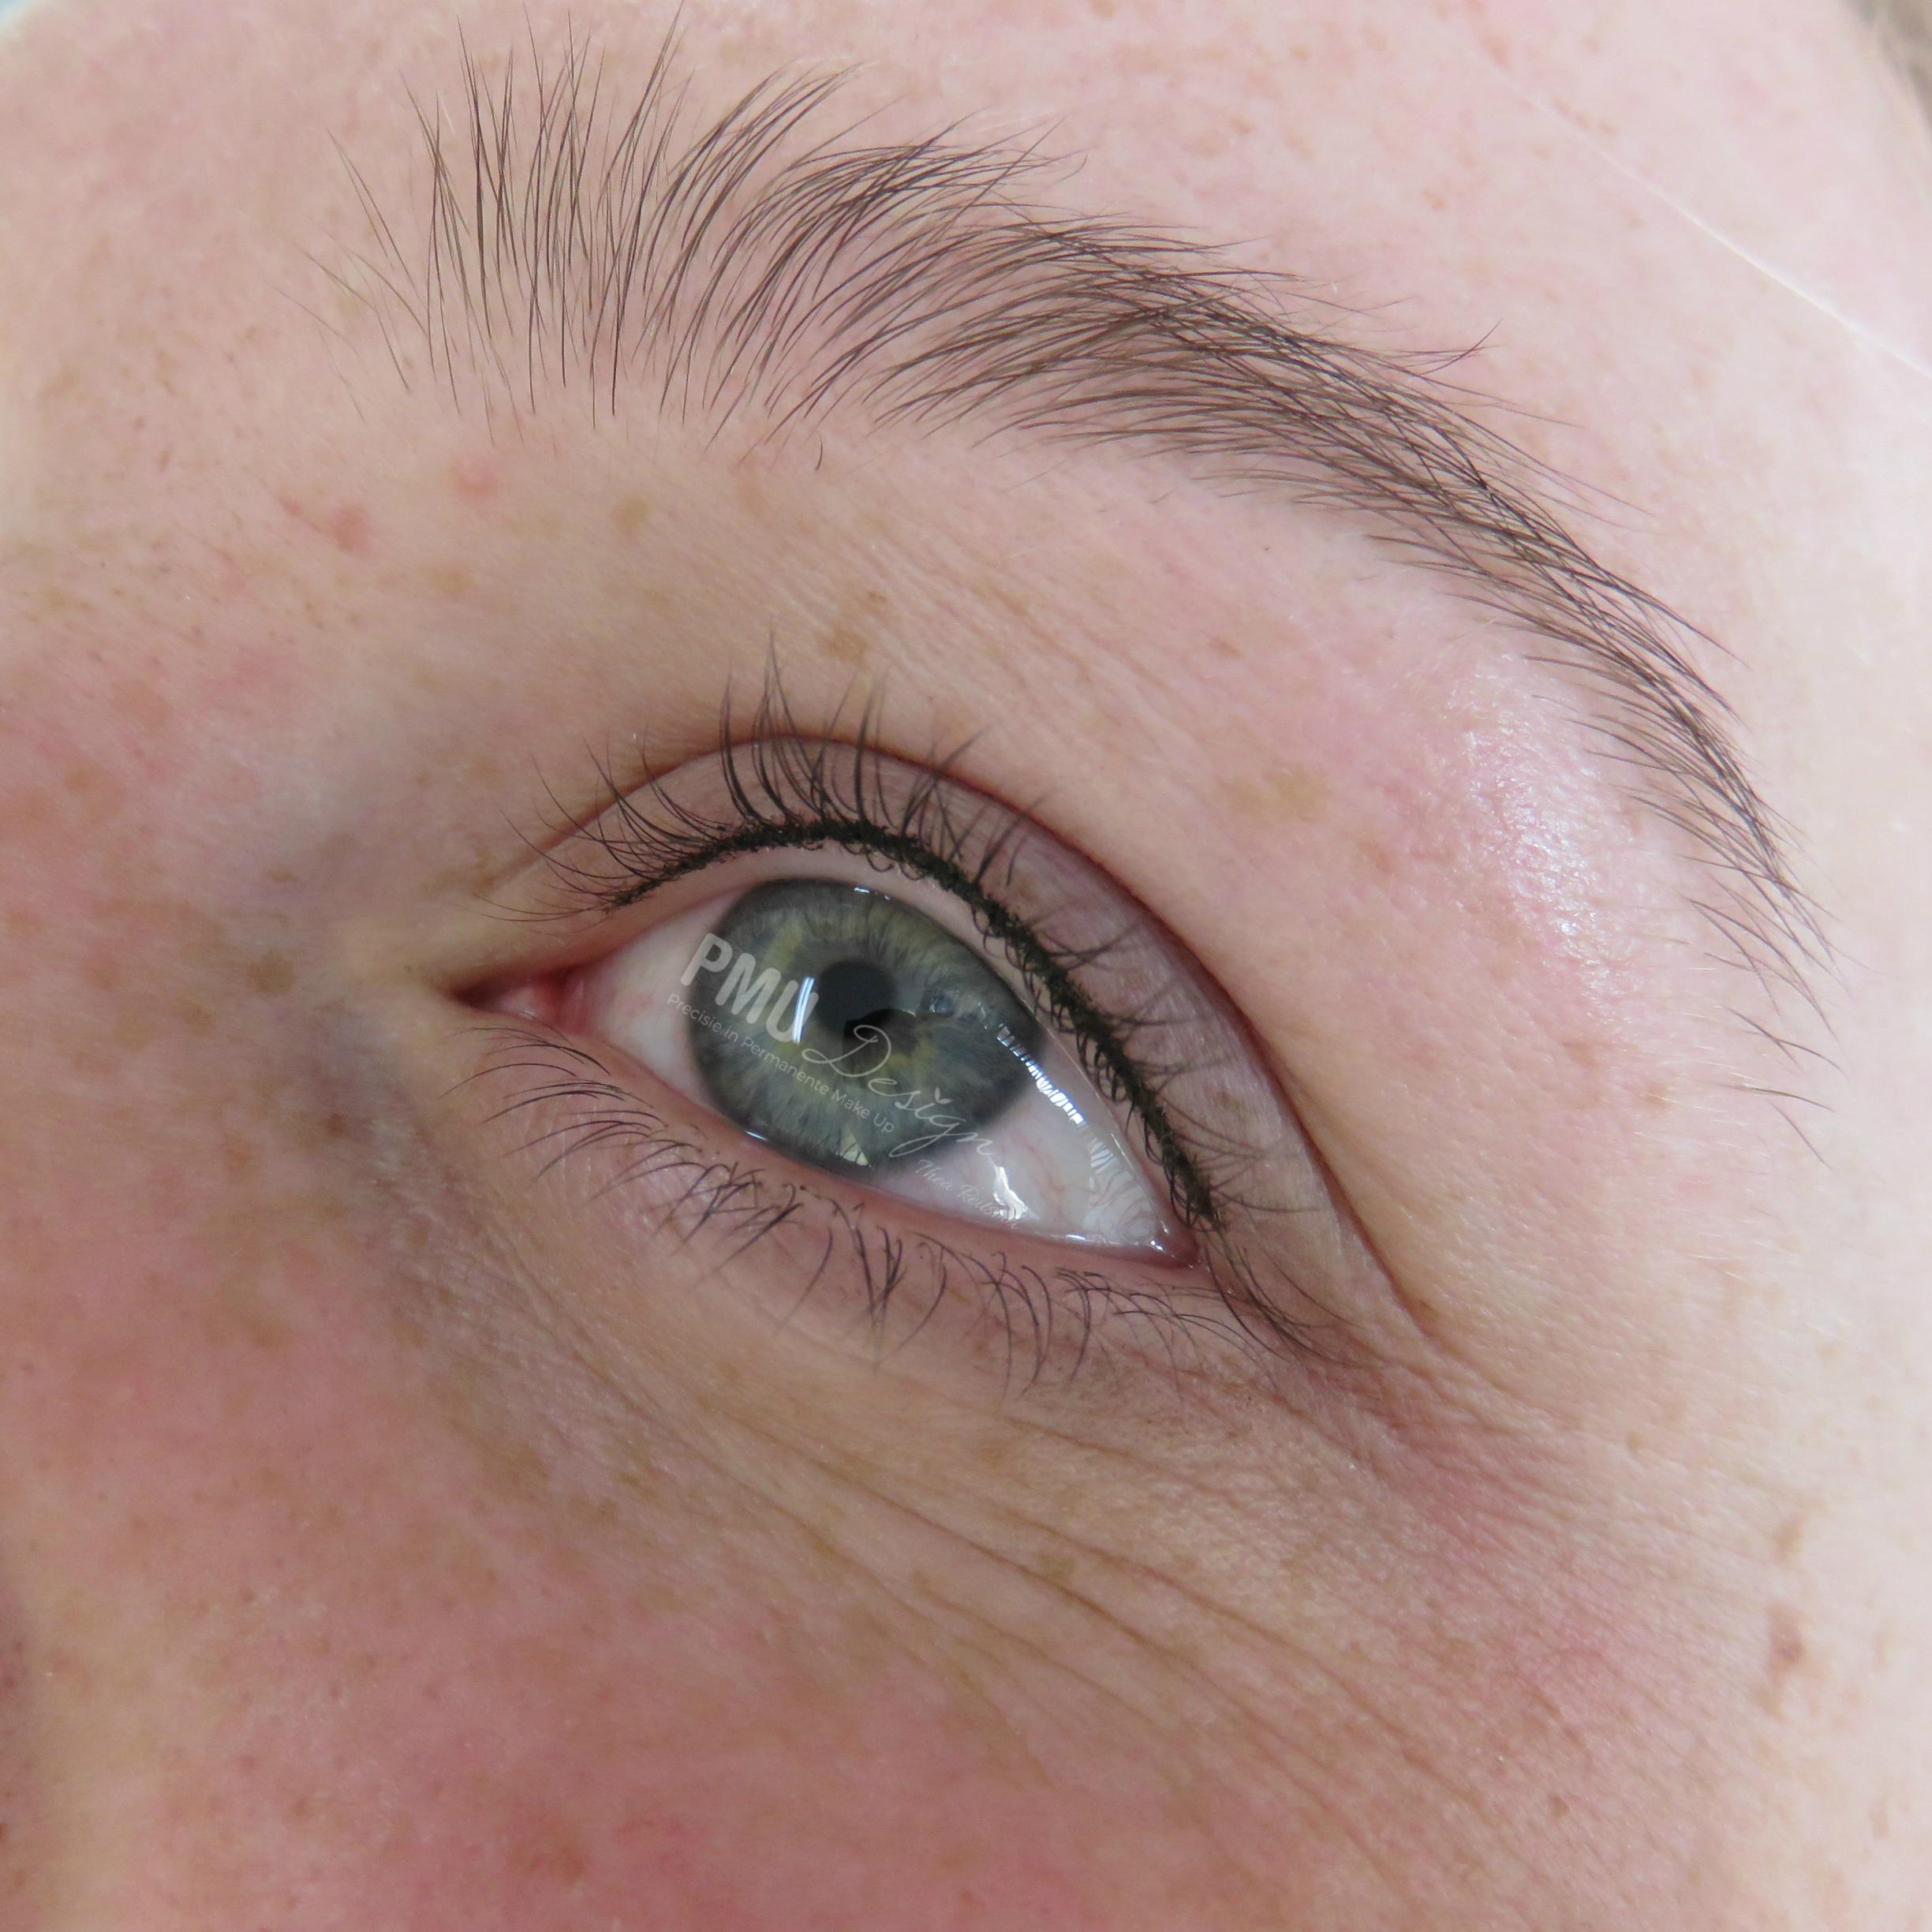 Infralash direct na de 1e behandeling. Kleur en vorm worden zachter na genezing van de huid.